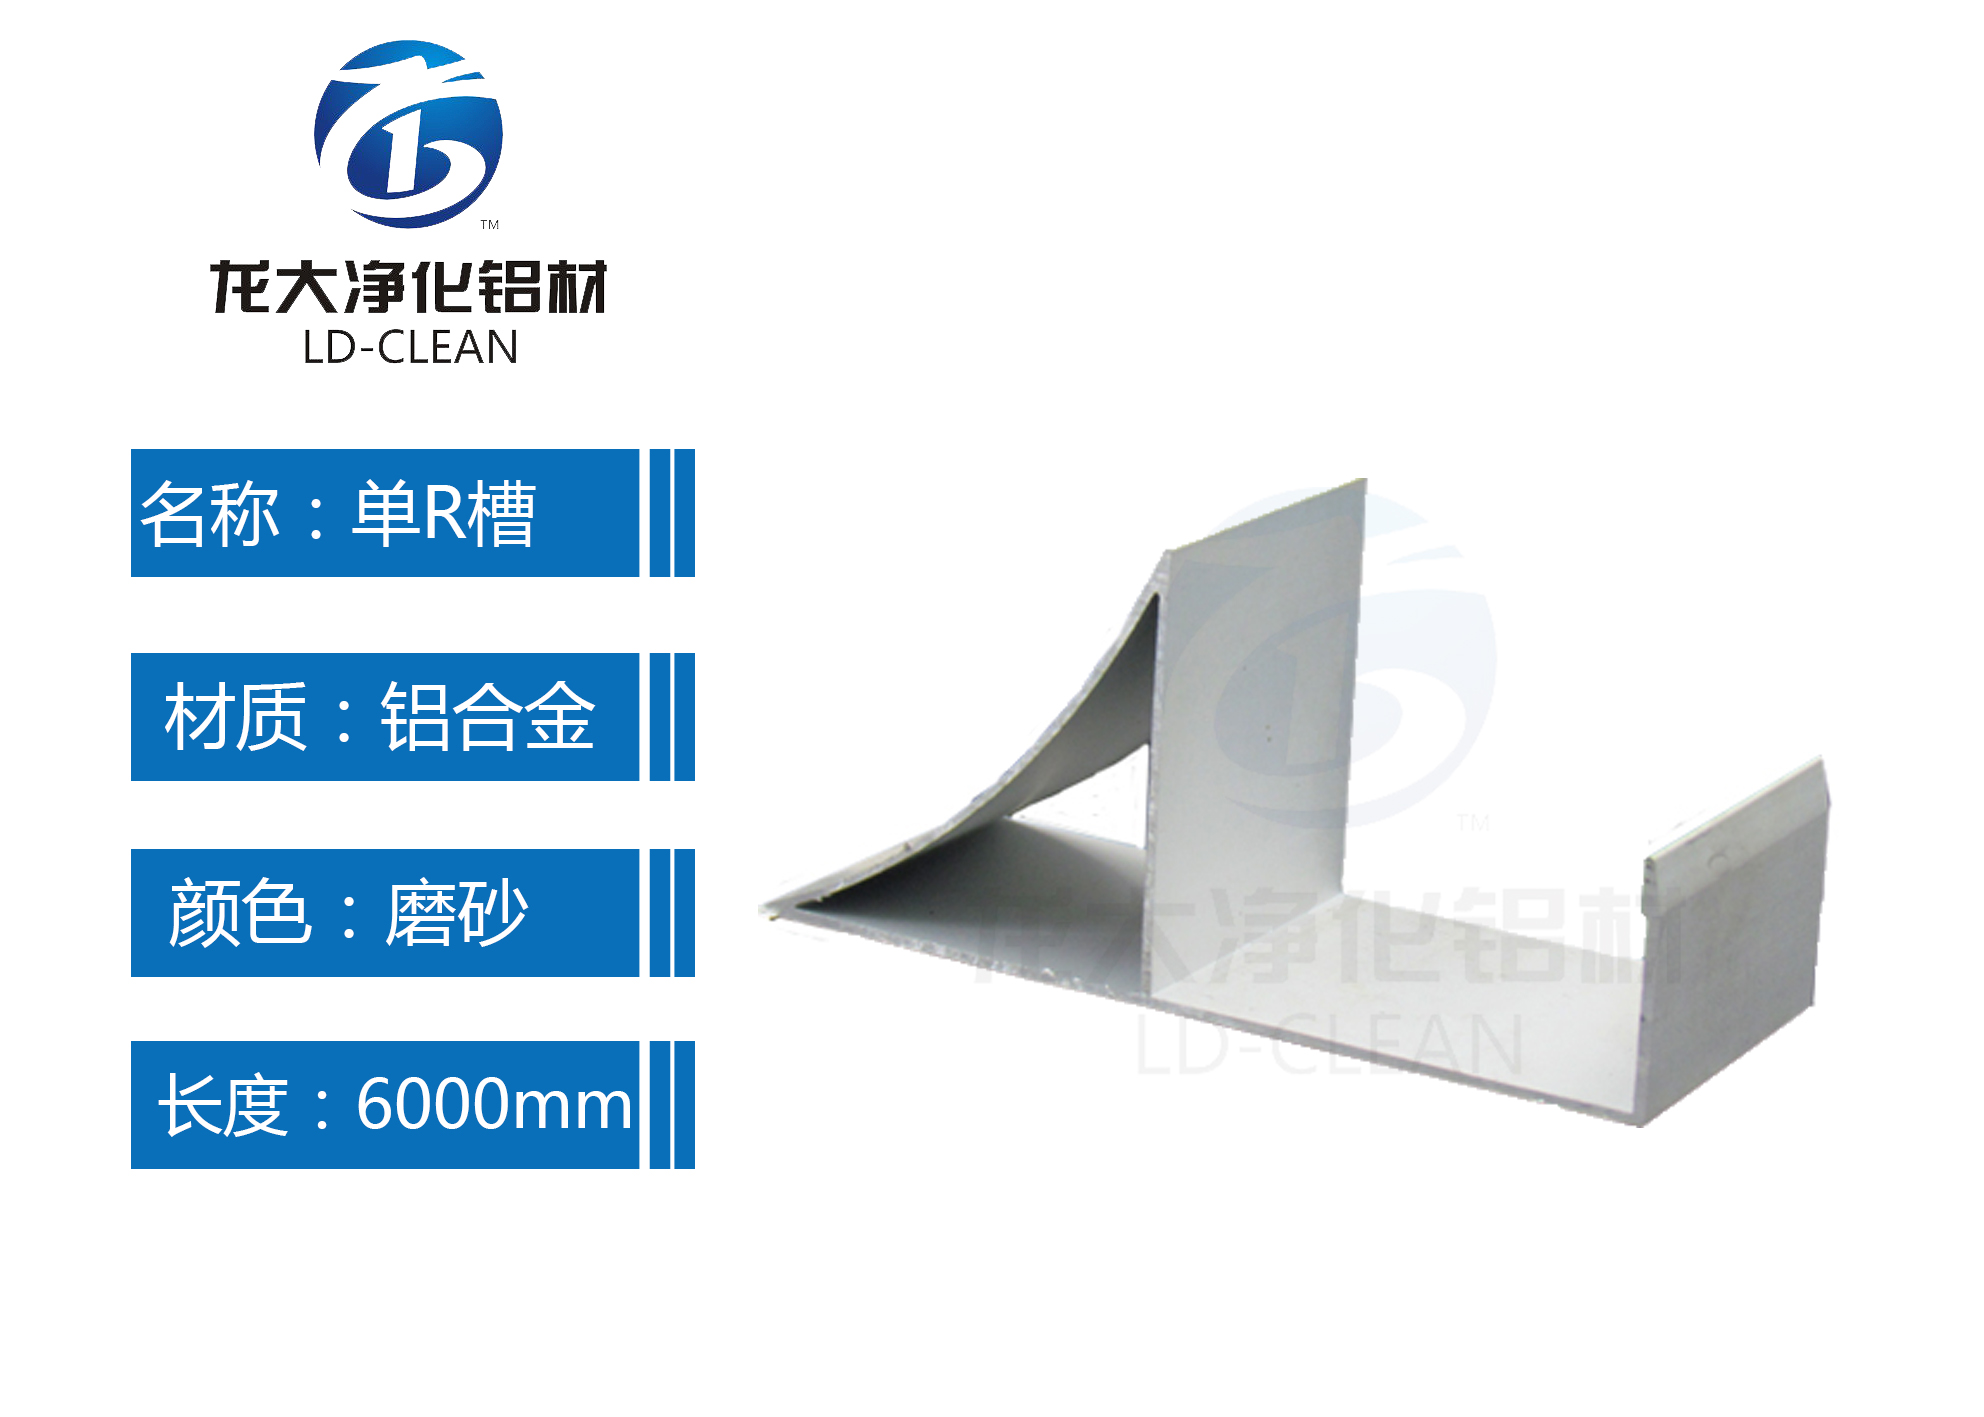 龙大净化铝材单R槽带内元弧单元槽铝